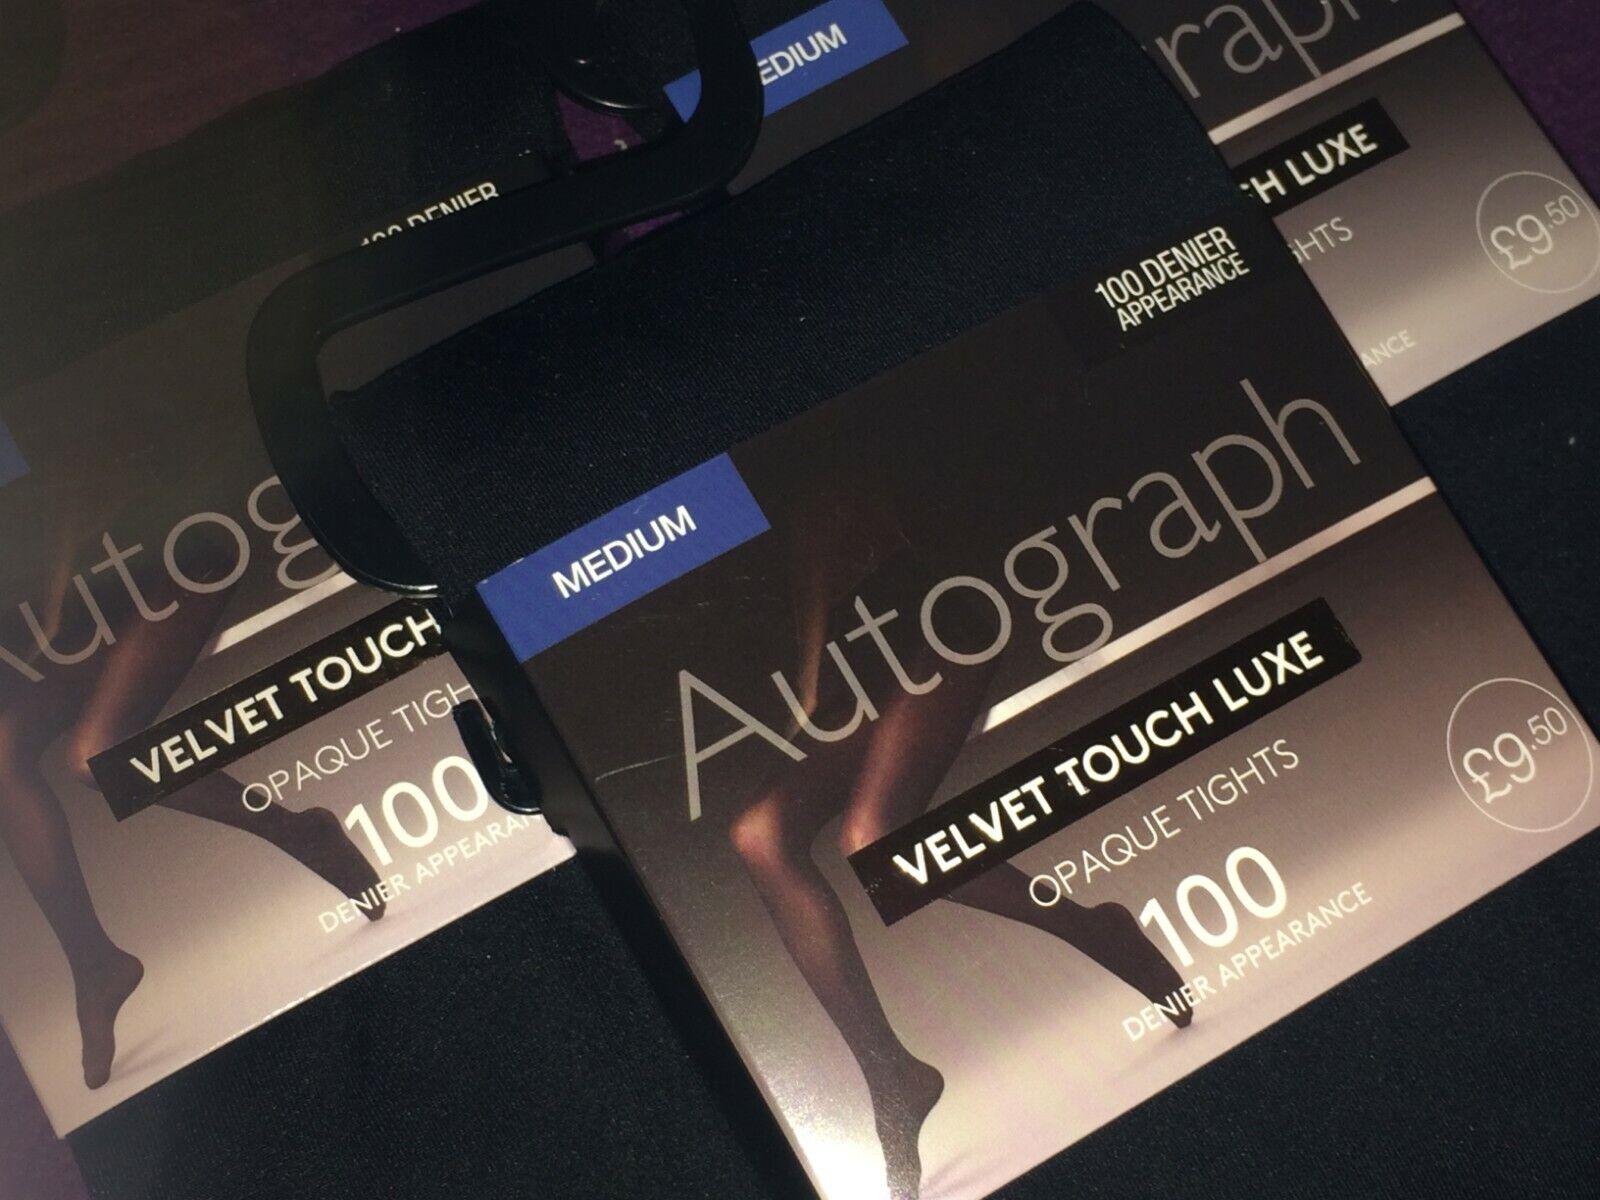 M/&S Autograph 40 Denier Opaque Velvet Touch Lux Tights Size Medium